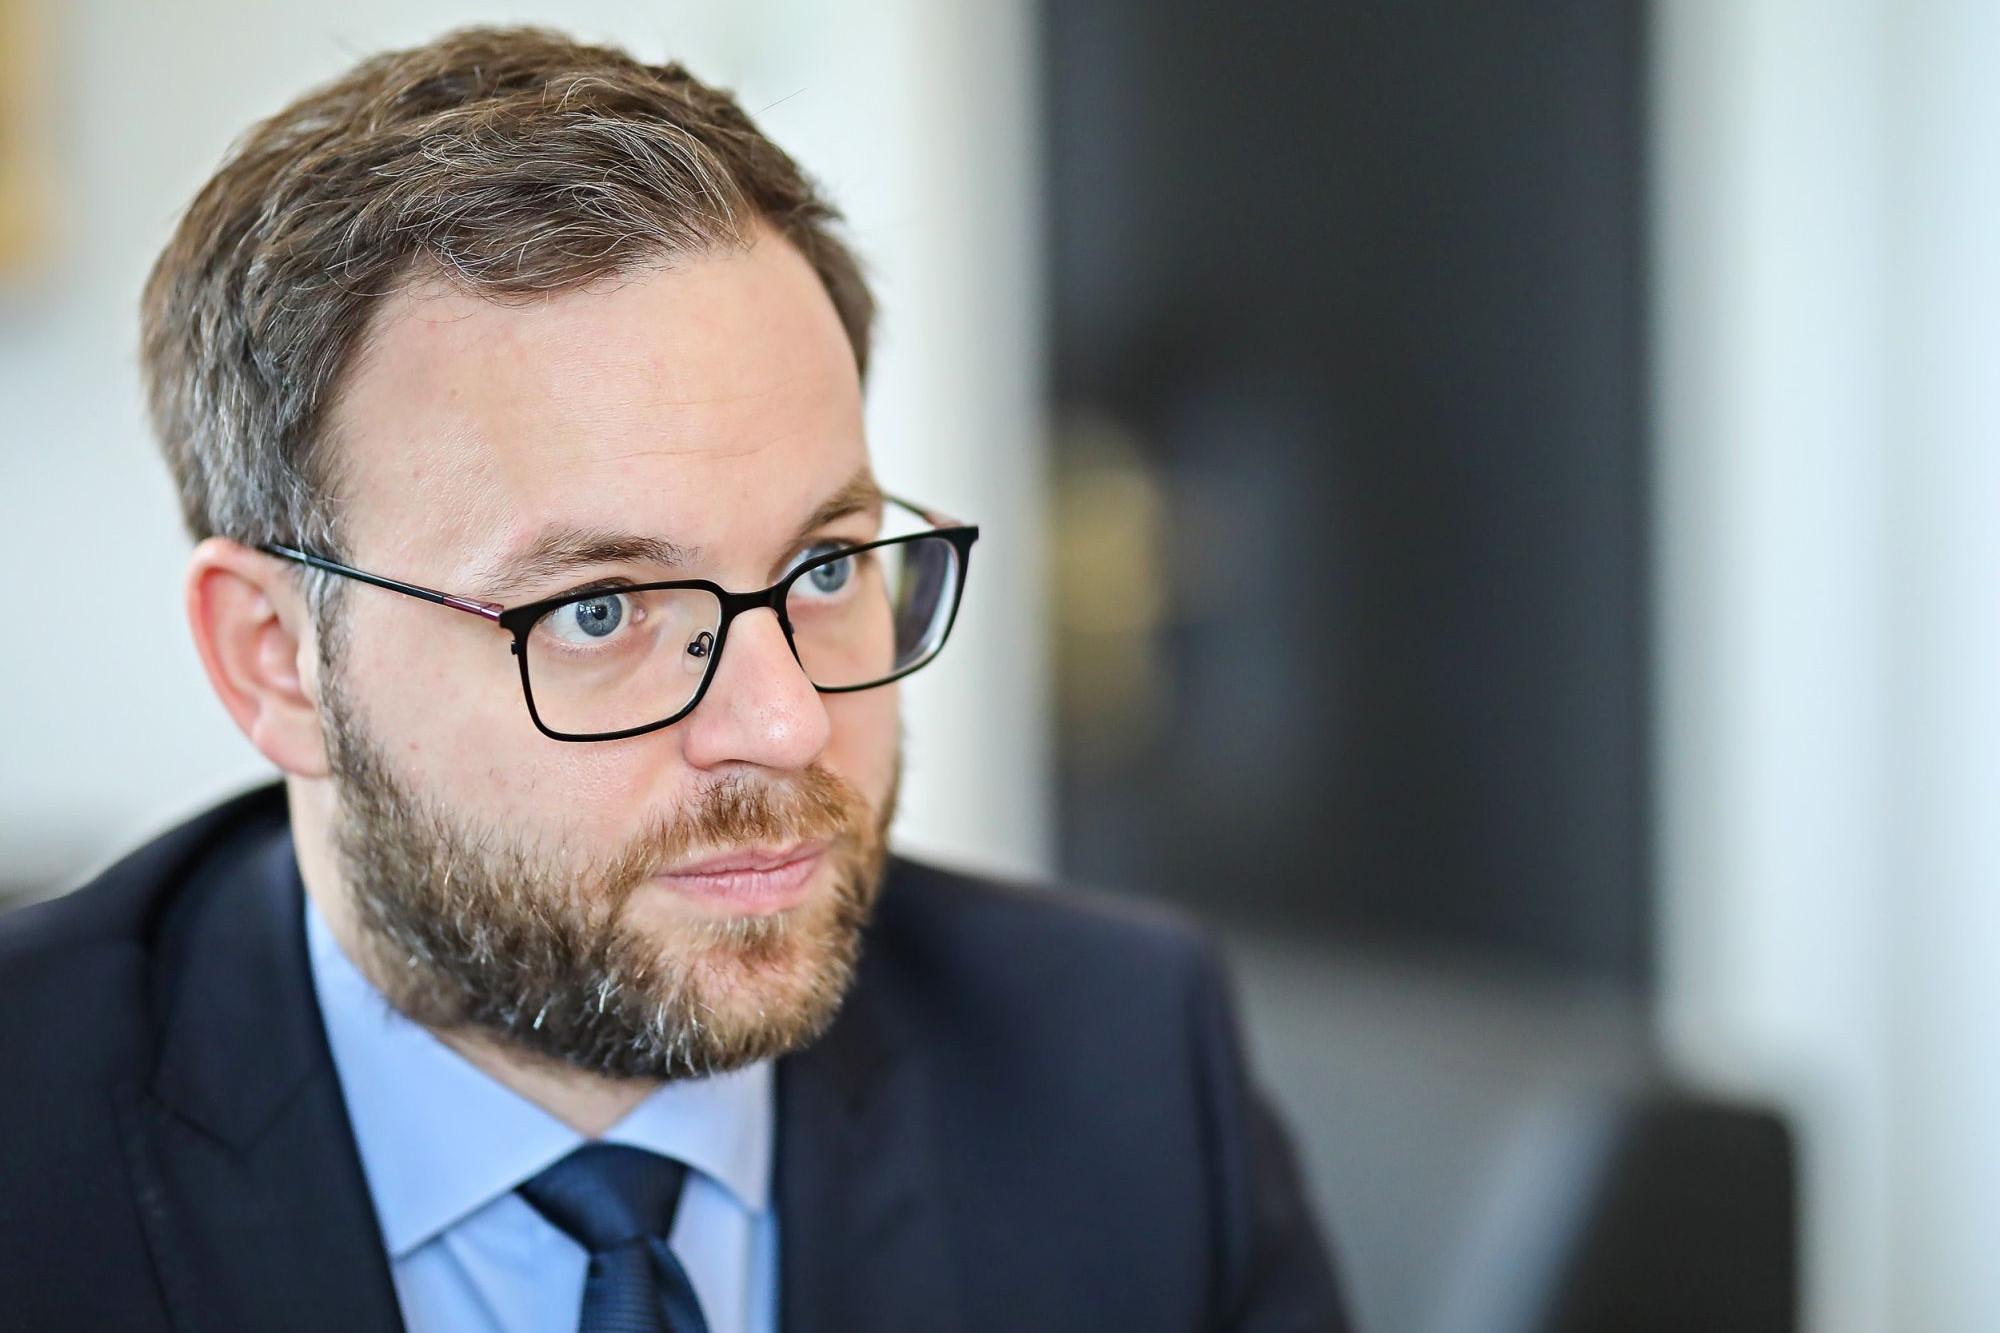 Orbán Balázs: Merő rosszindulat és ferdítés az ellenzék ...